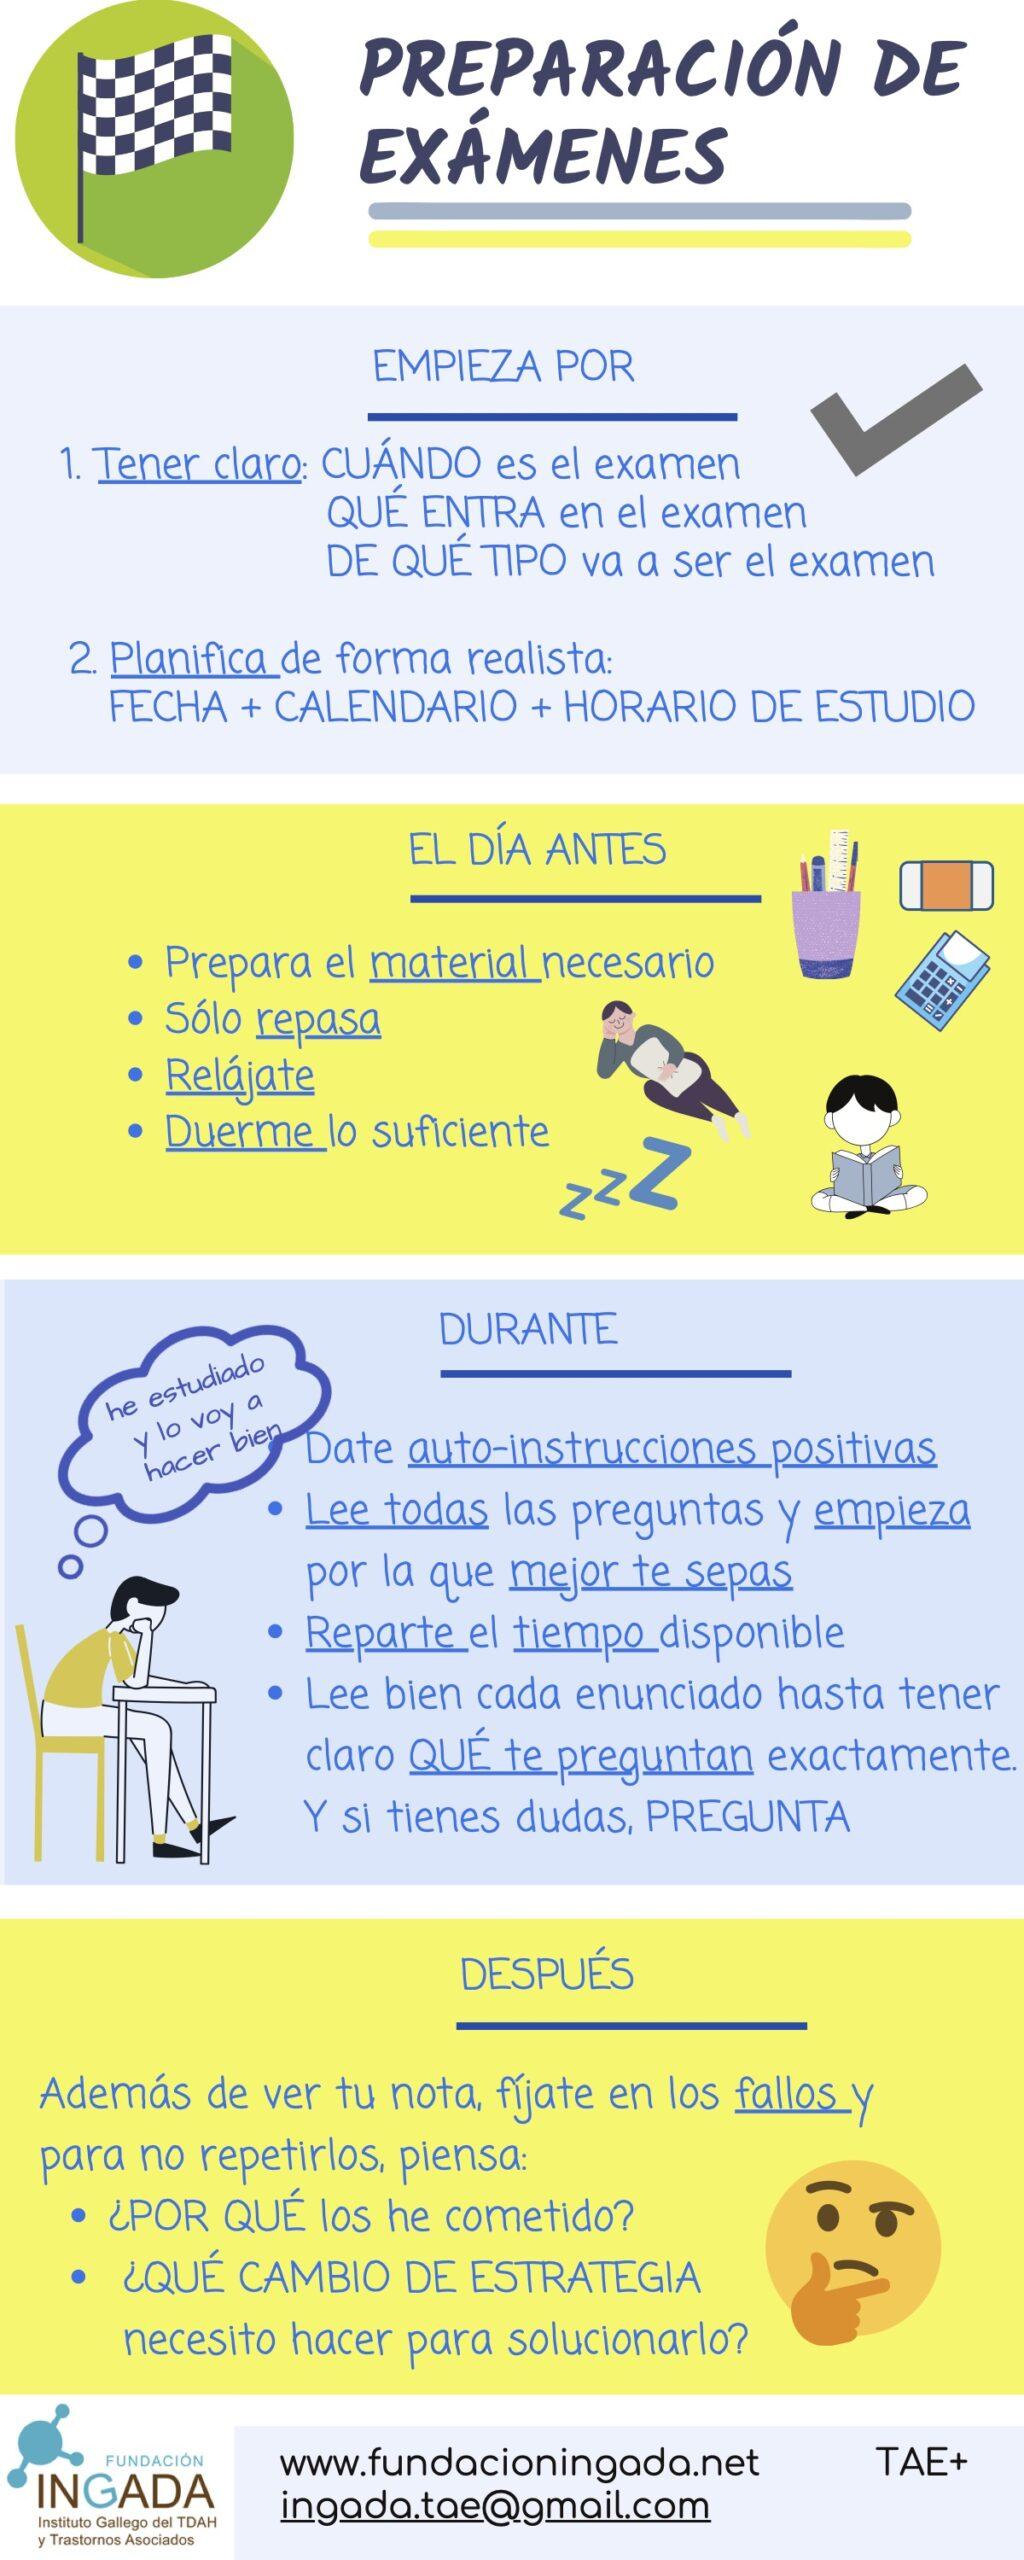 20-17-52-55.admin_.11D._Preparacion_examenes